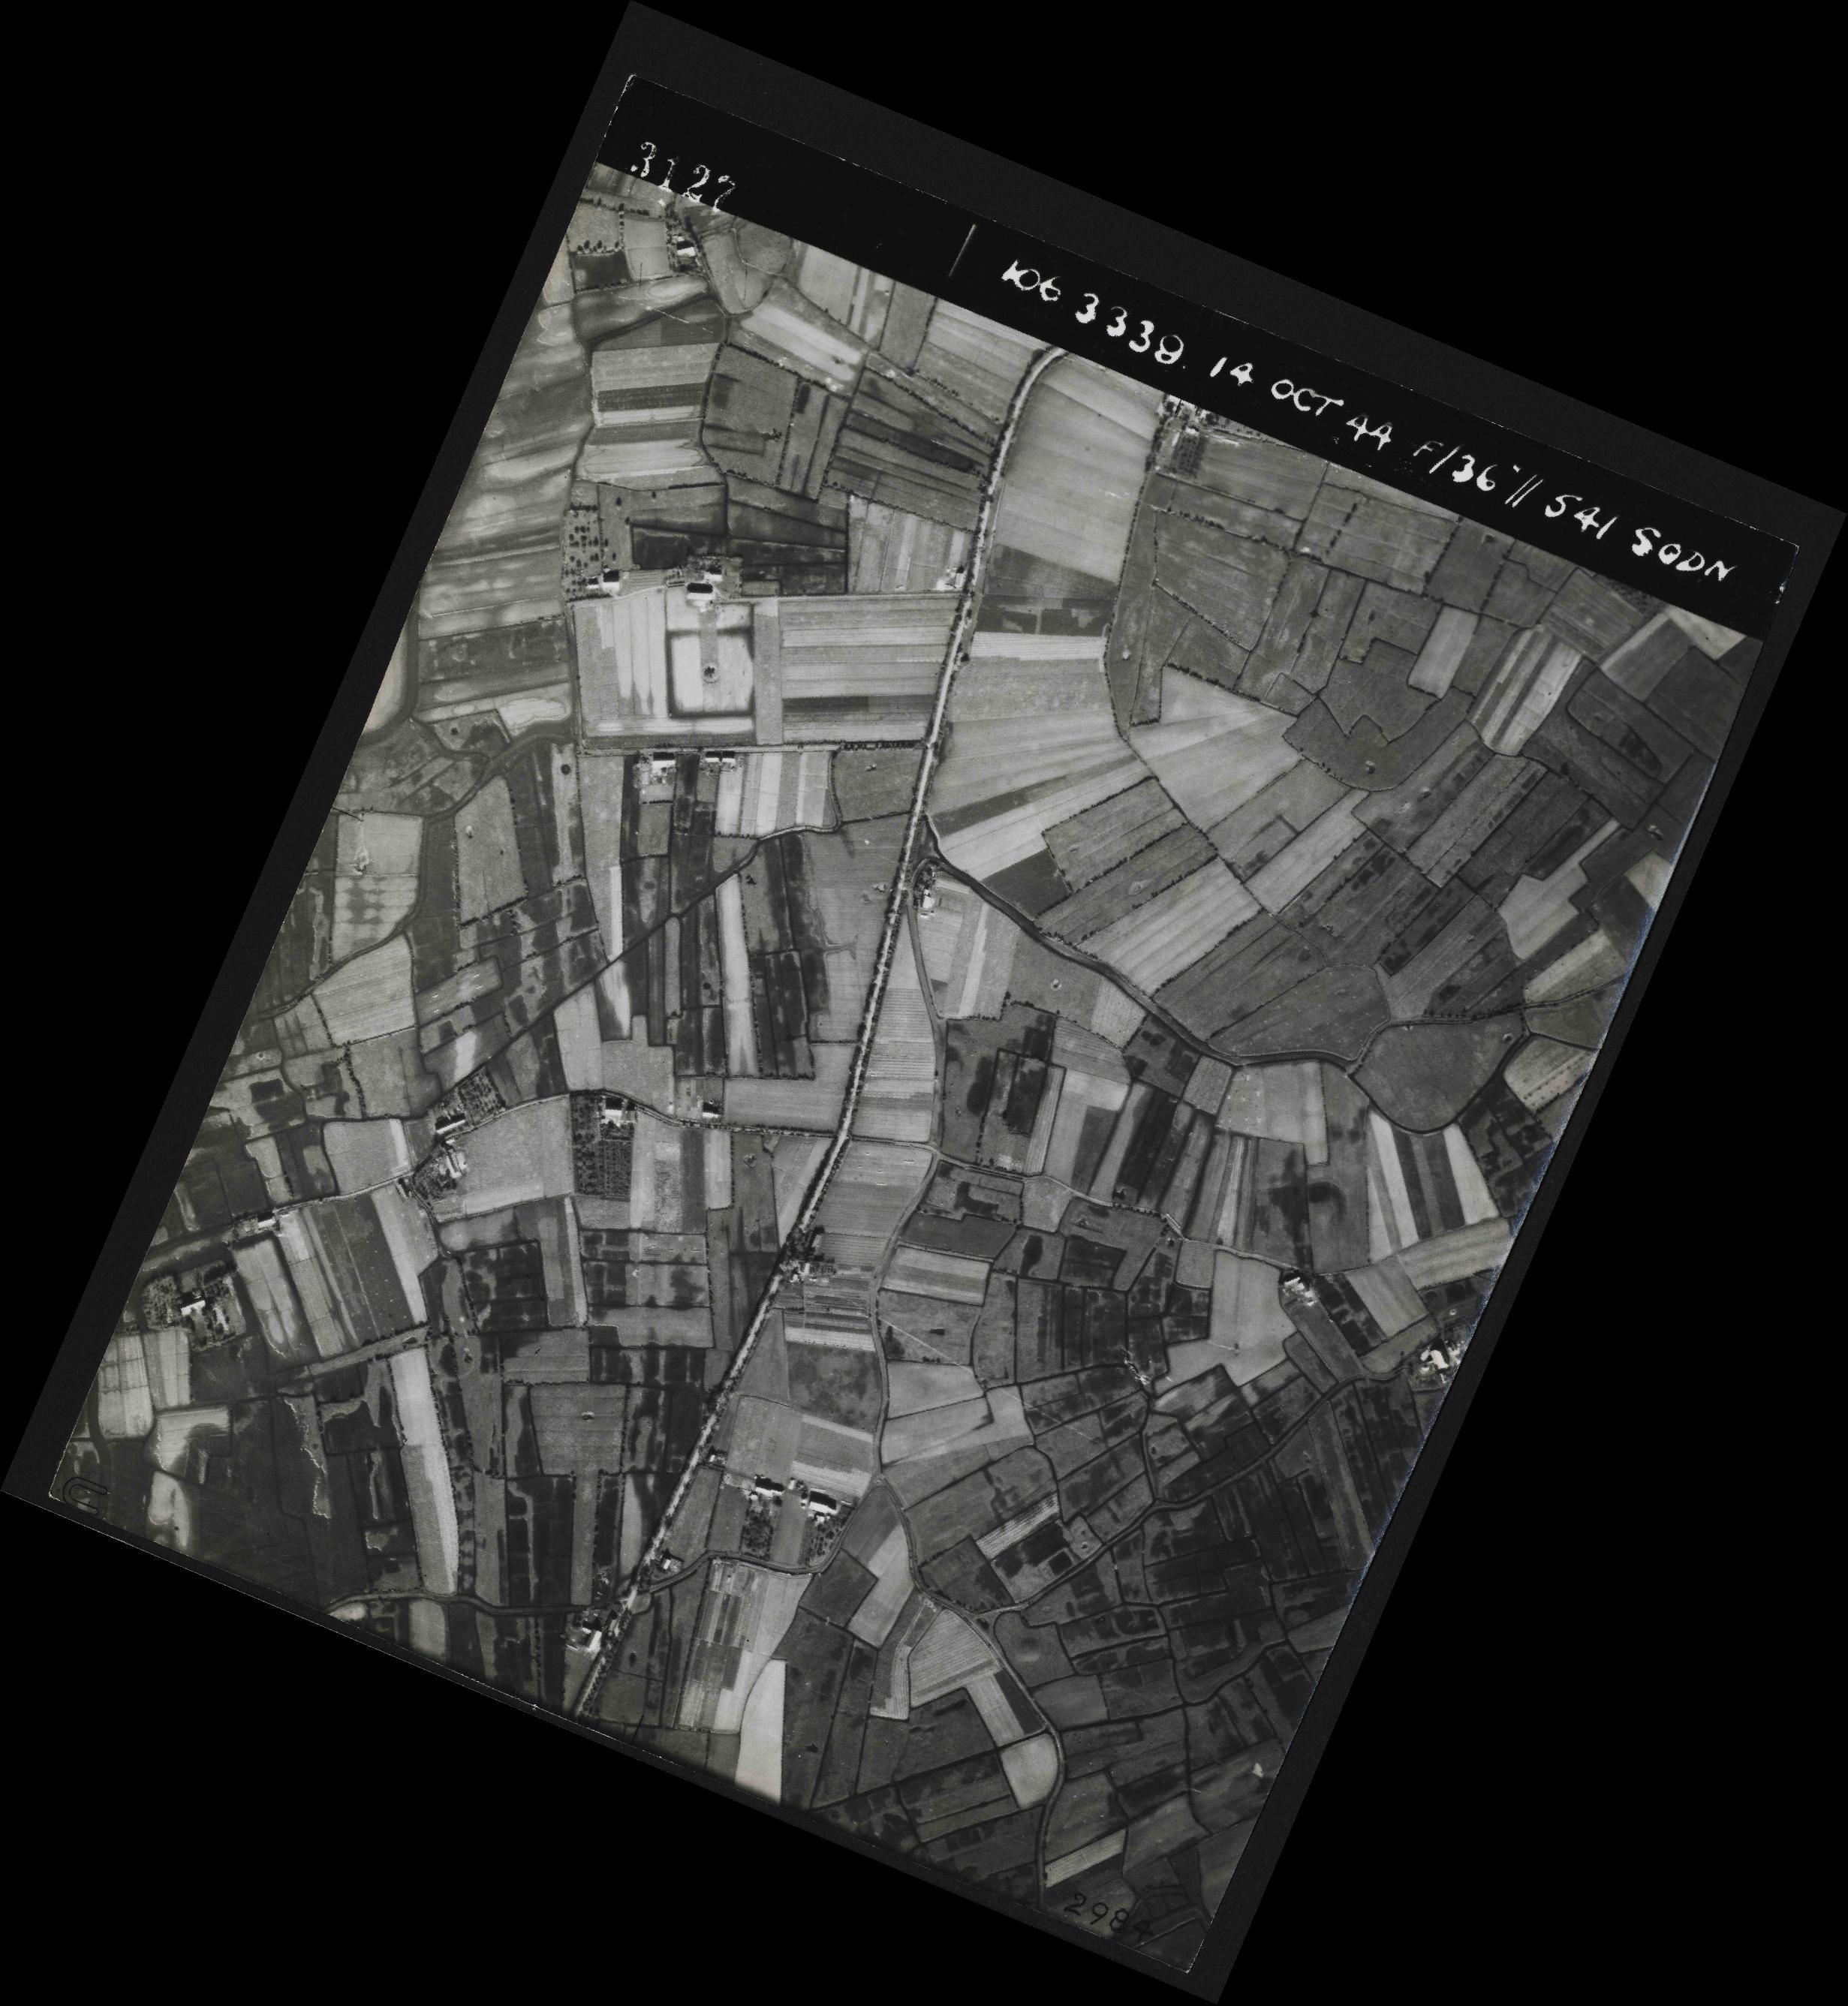 Collection RAF aerial photos 1940-1945 - flight 042, run 04, photo 3127